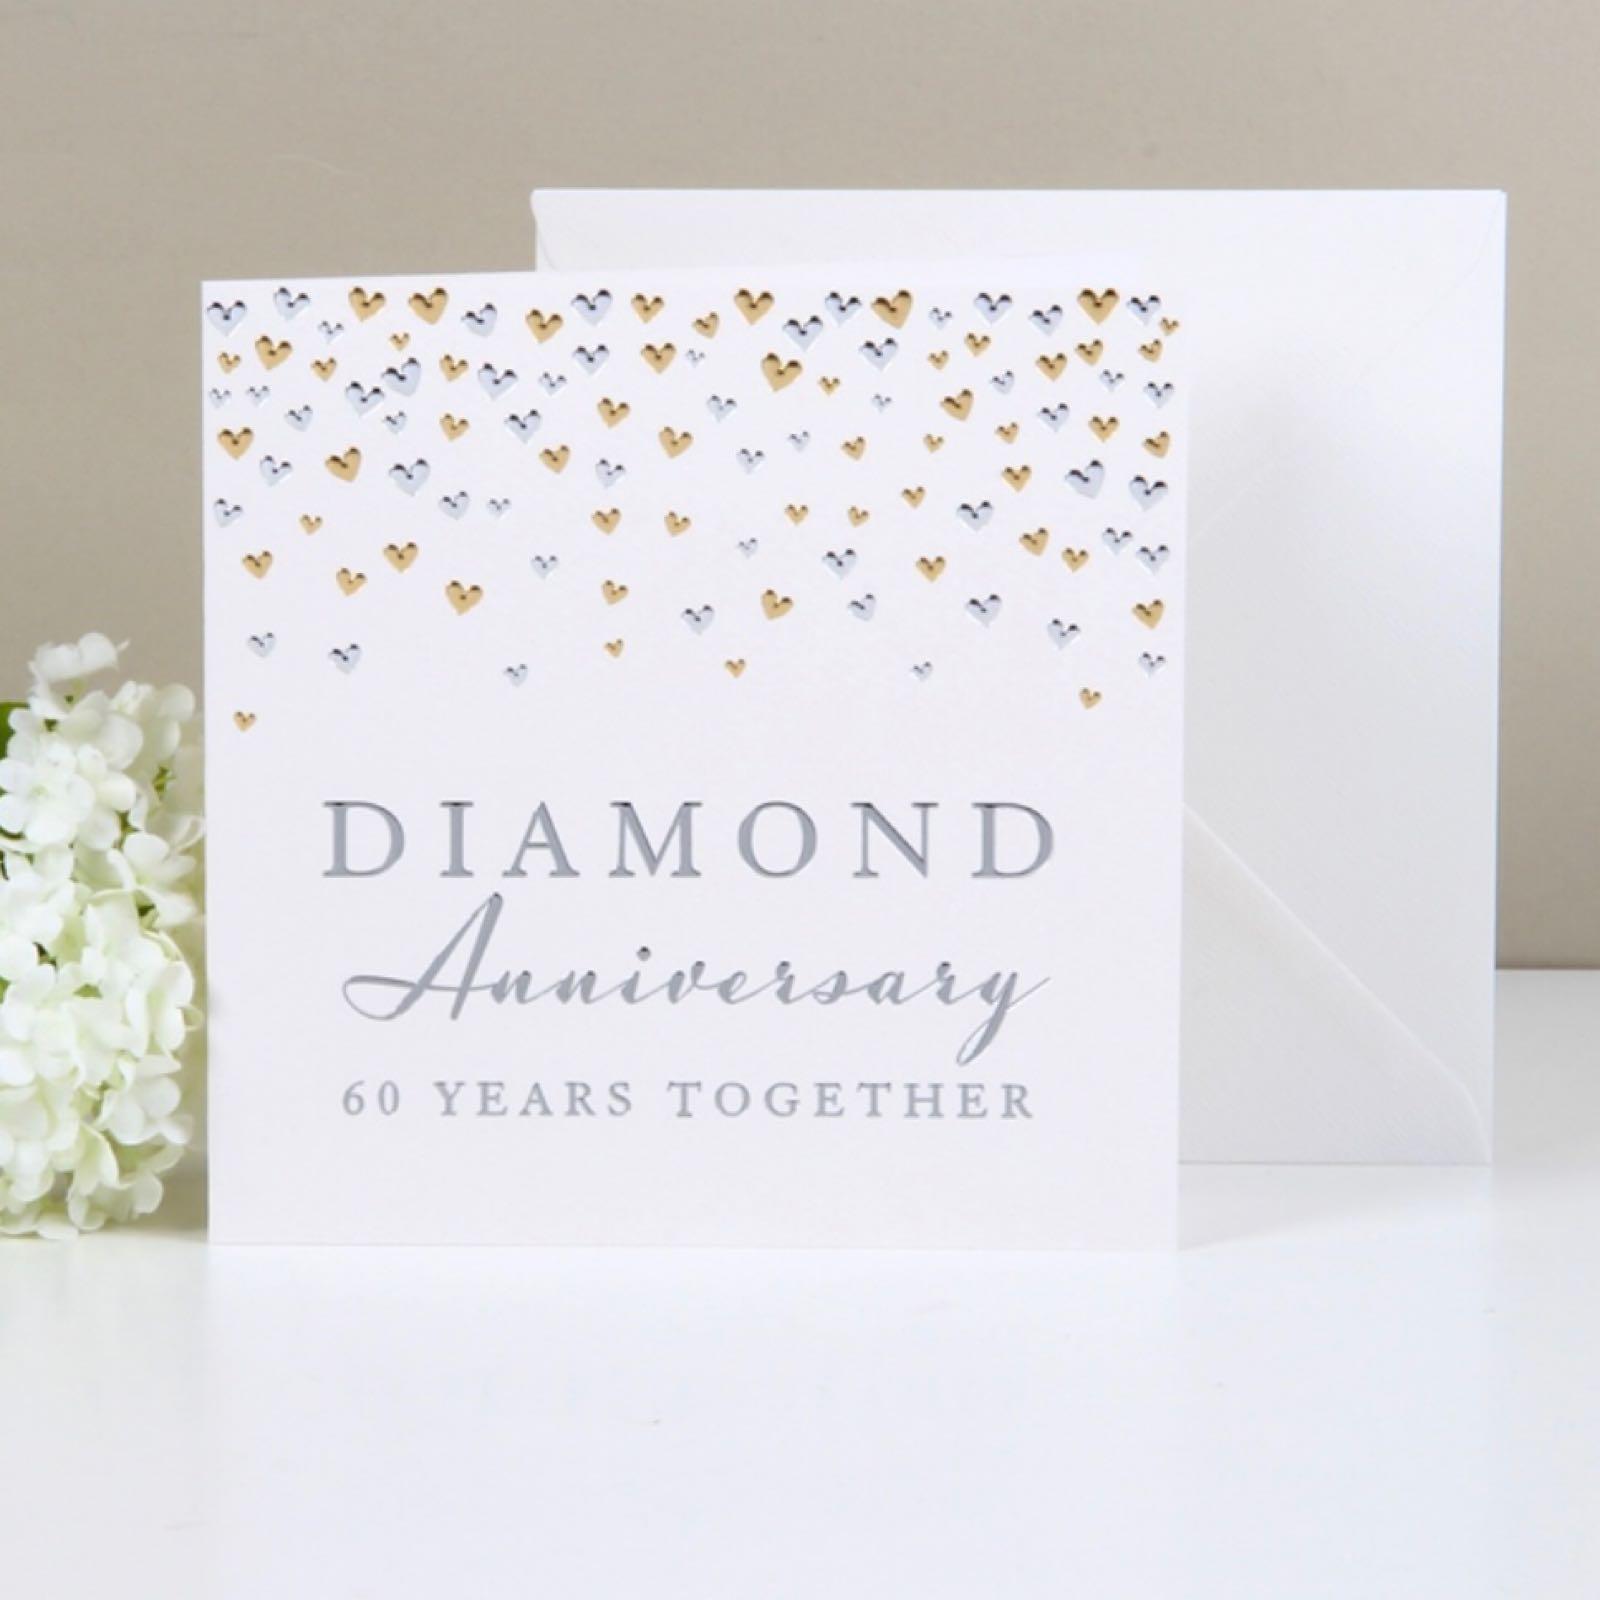 'Diamond Anniversary' Amoré Card